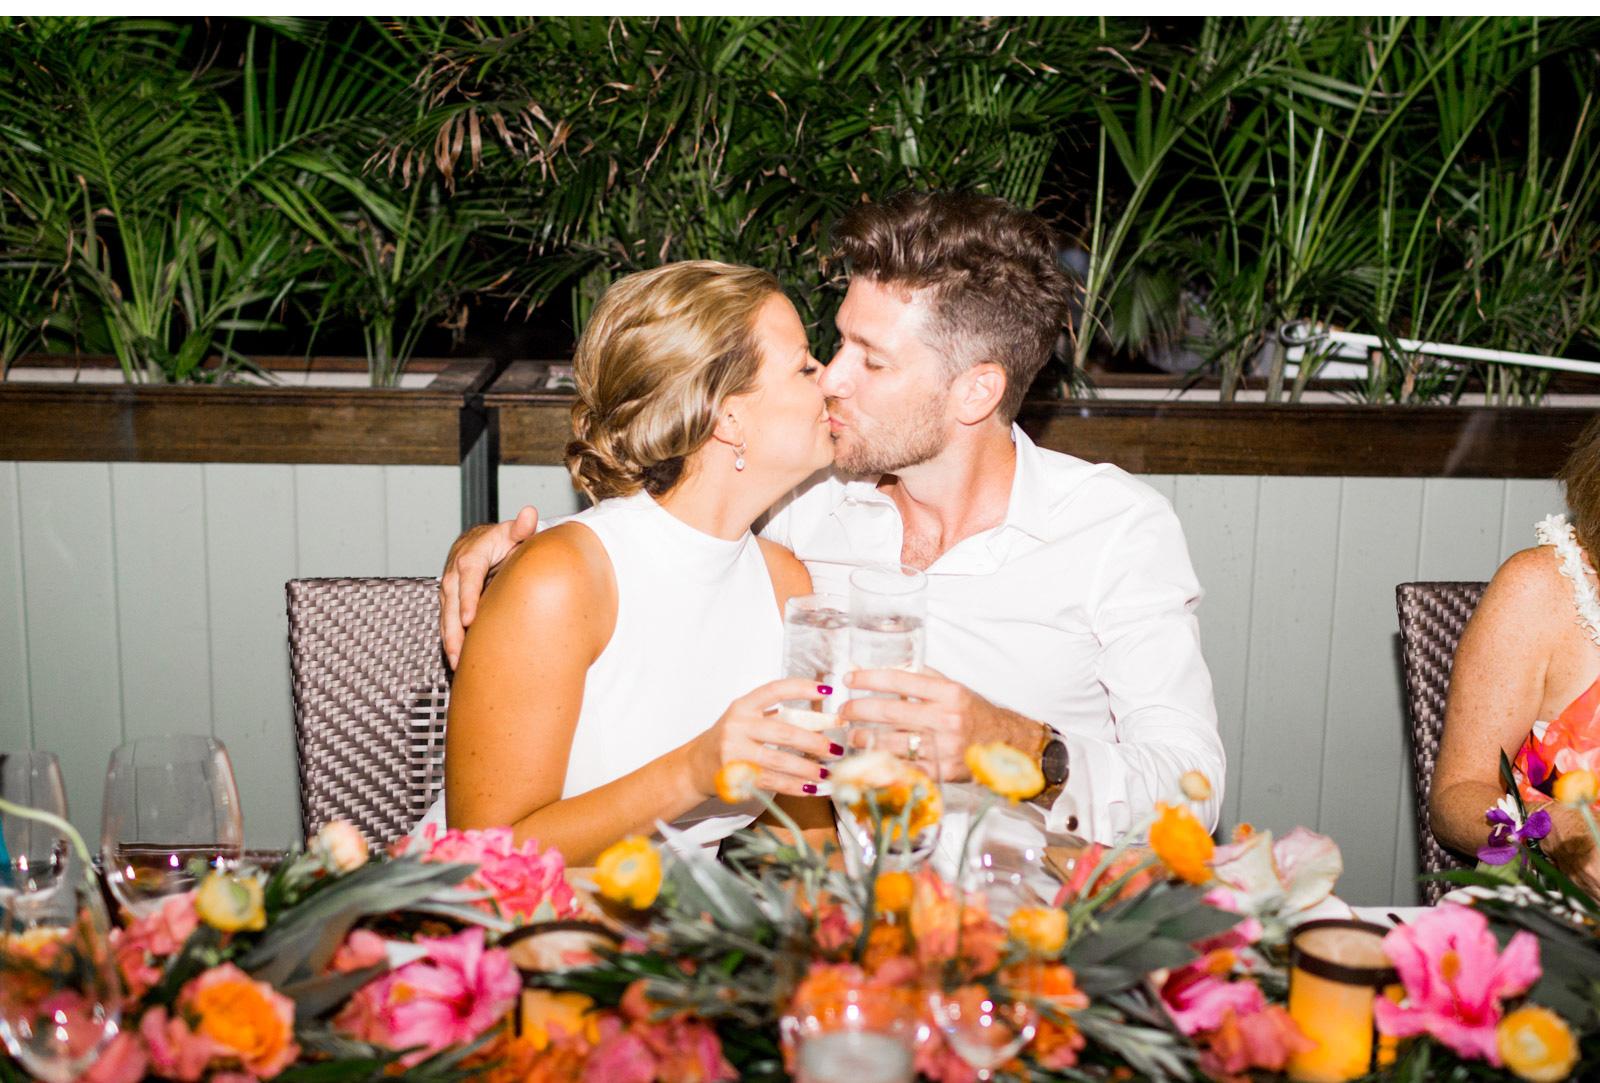 Natalie-Schutt-Photography--Hawaii-Wedding-Photographer_03.jpg